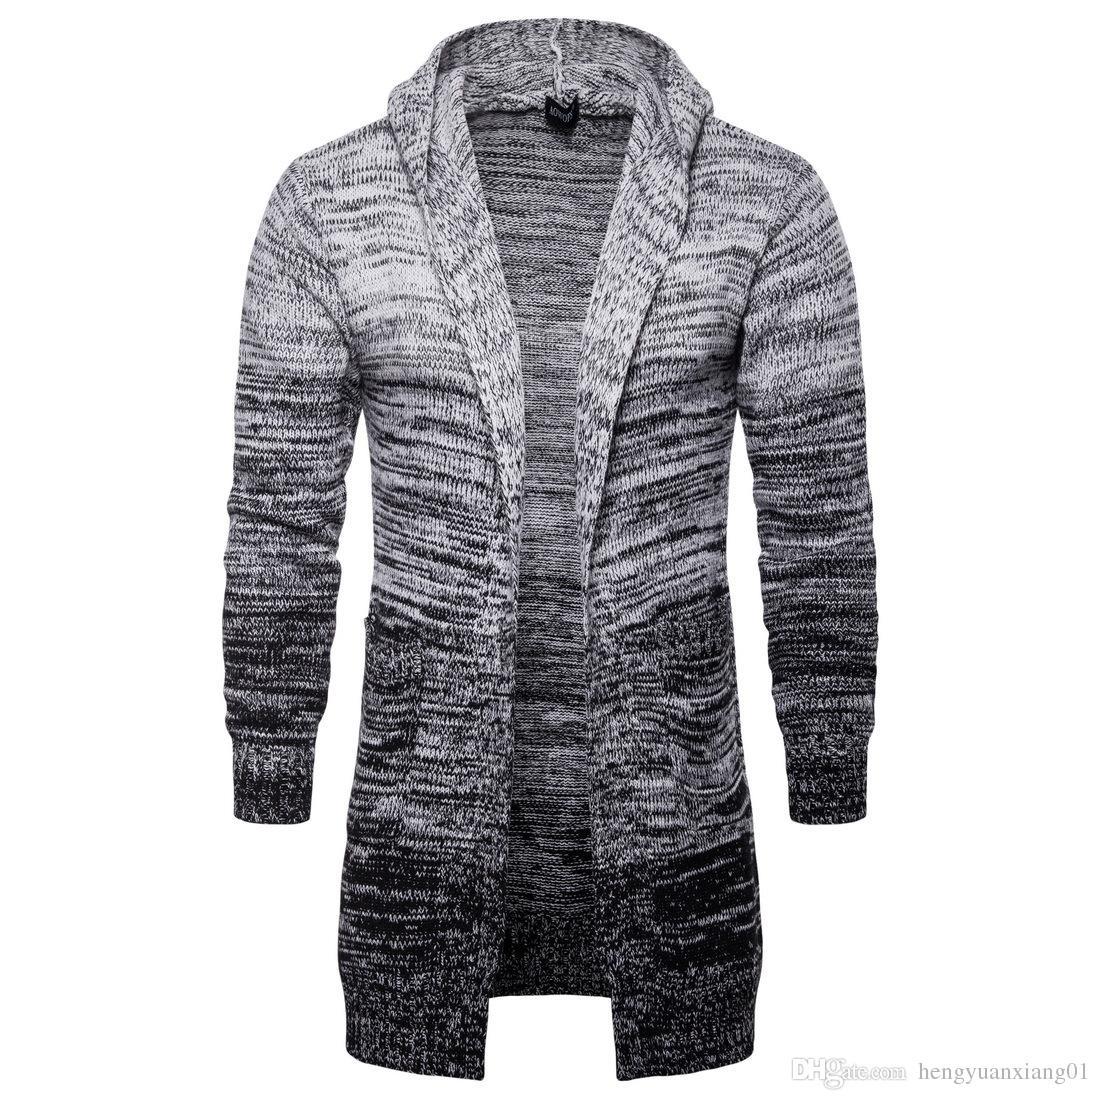 f022596a41300 Compre 2018 Outono Casaco De Lã Com Capuz Masculino, Roupa De Homem,  Camisola De Malha Cinzenta Comprida Europeia E Americana.